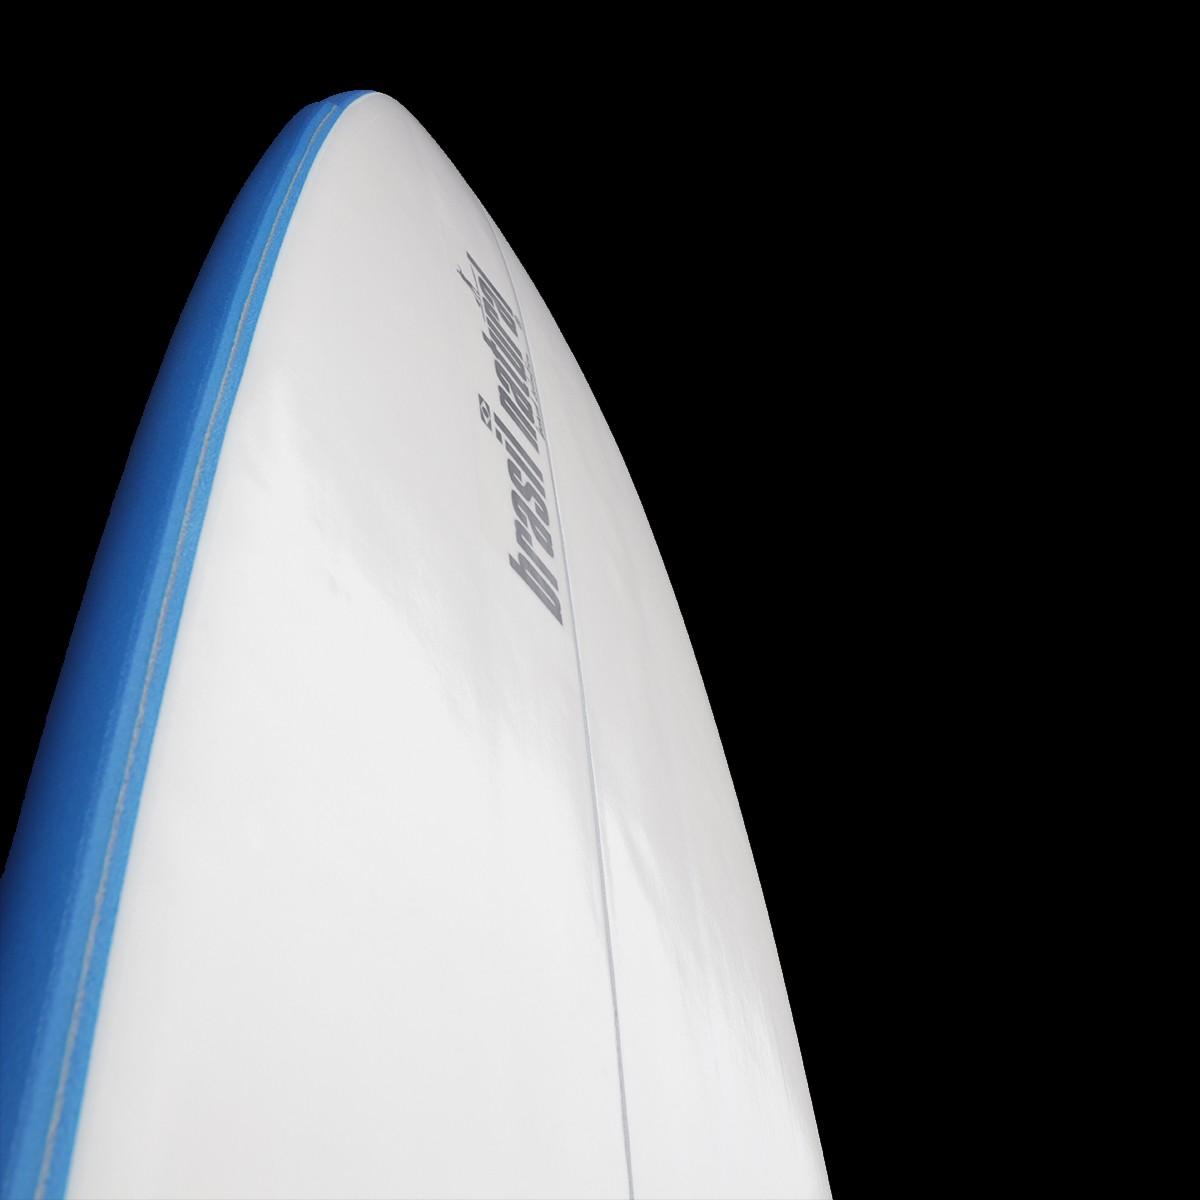 Prancha de stand up paddle 10 pés soft + kit remada - Outlet 13